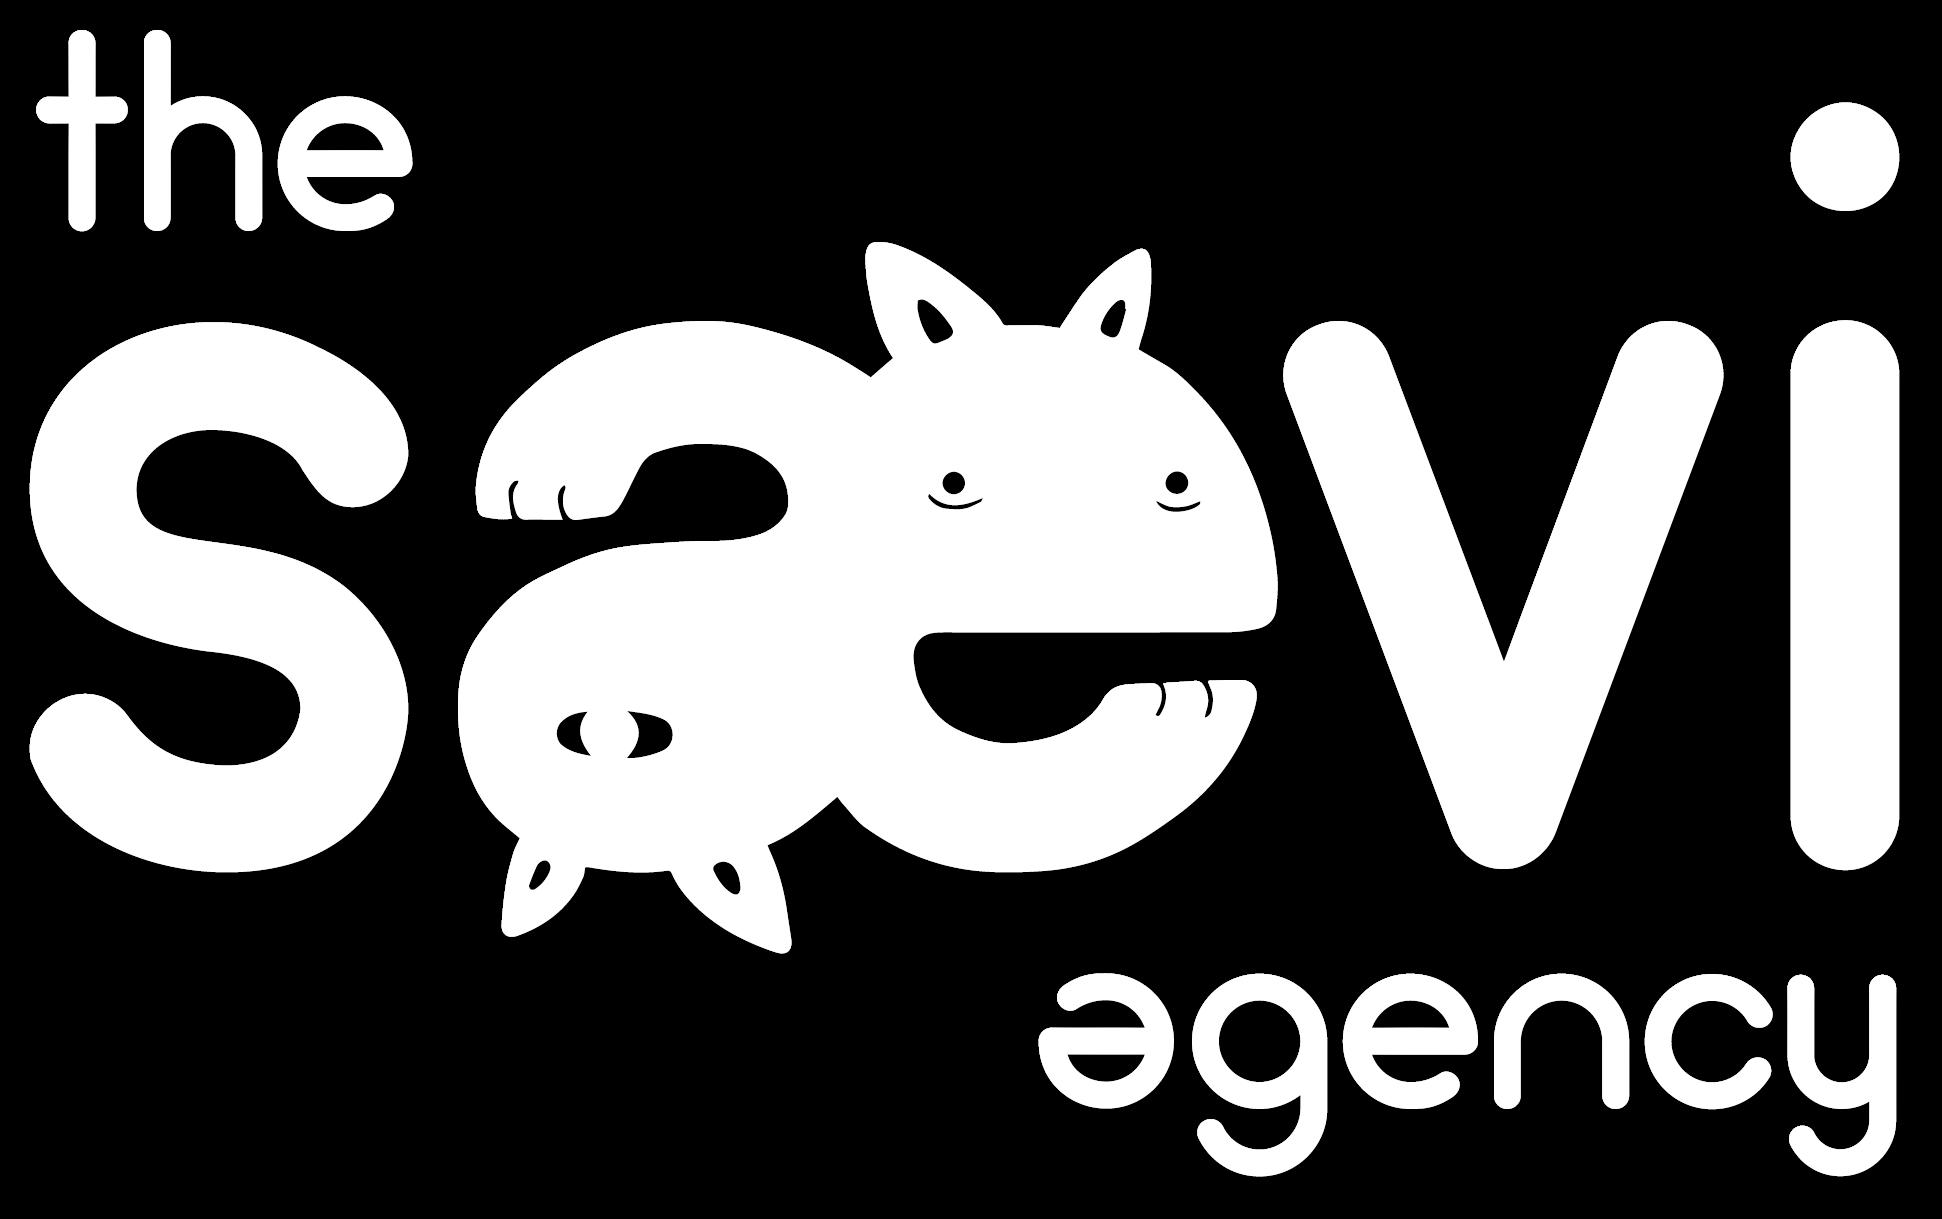 Sævi Agency